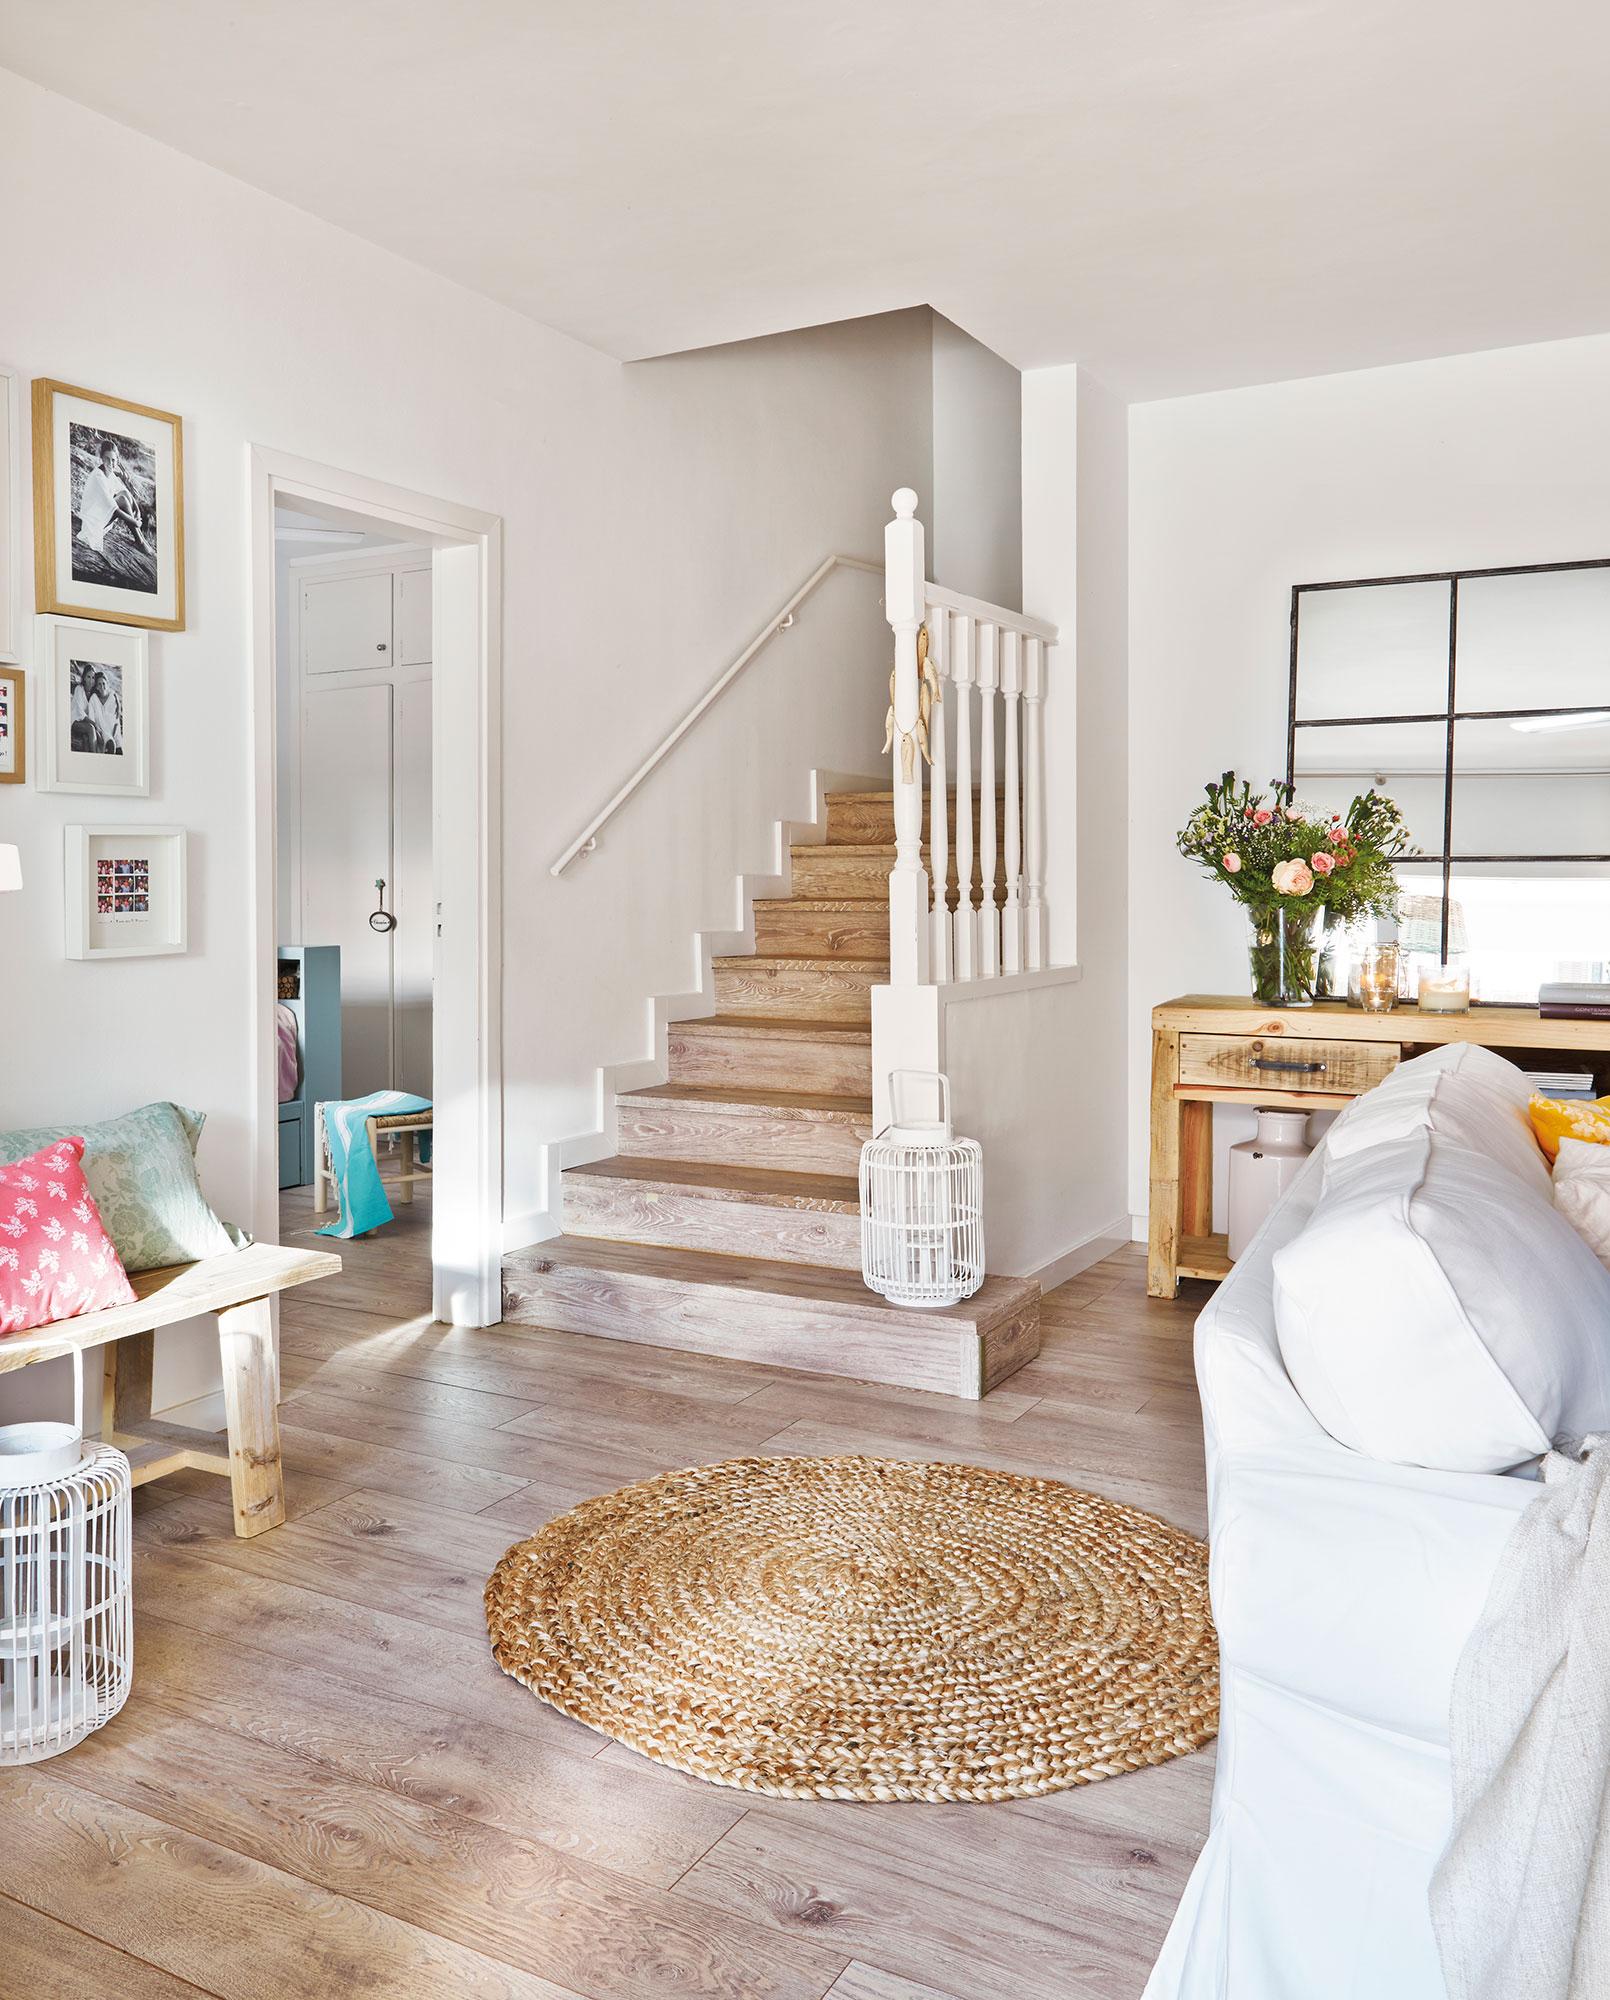 Parquet c mo elegirlo de madera o laminado seg n ventajas for Salones con escaleras interiores